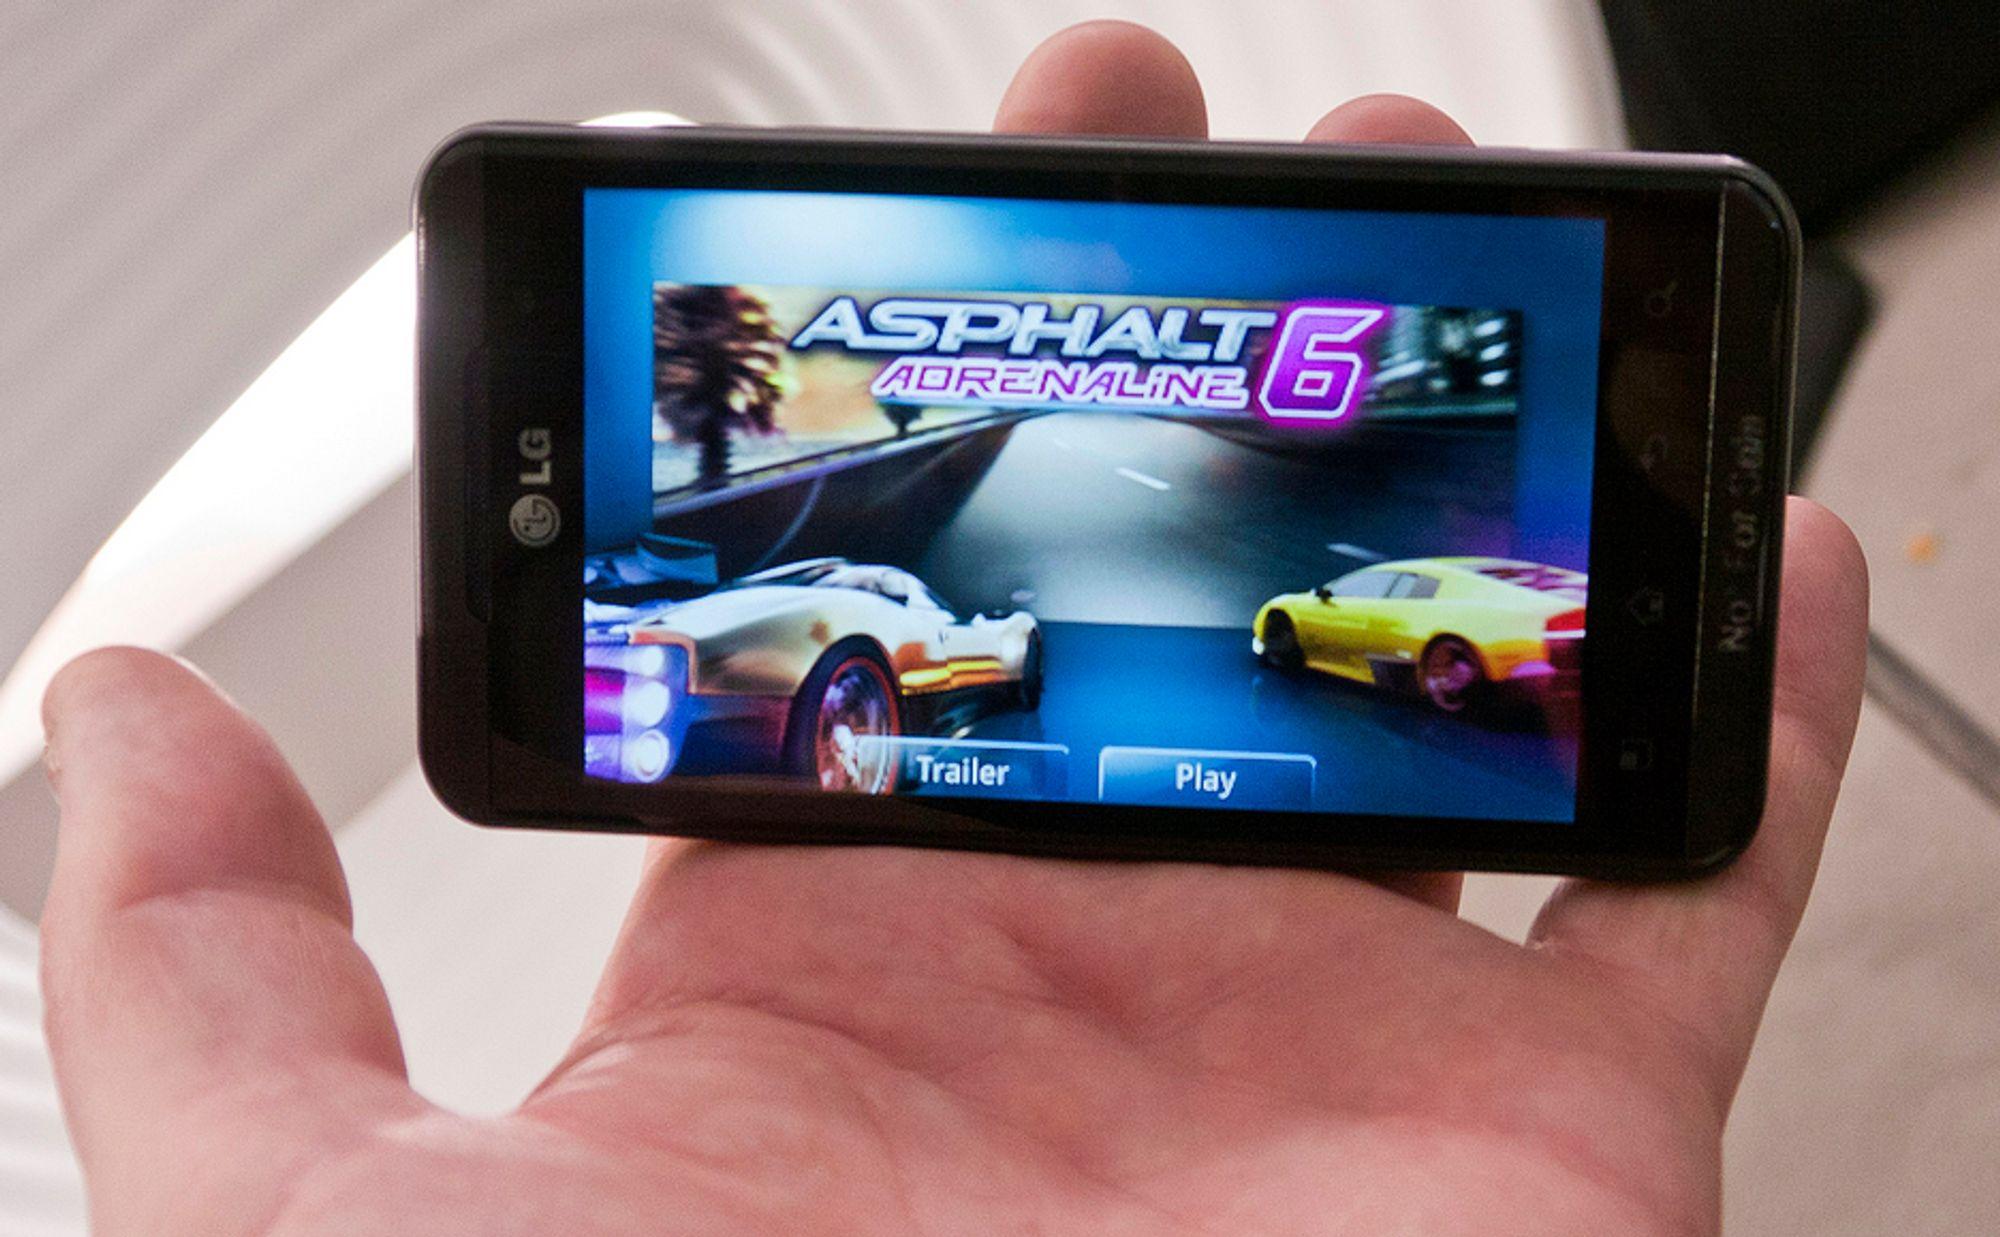 LYSSTERK: LGs nye 3D-mobil har en 4,3 tommer LCD-skjerm som både fungerer to- og tredimensjonalt. Men kun én bruker kan se 3D om gangen.